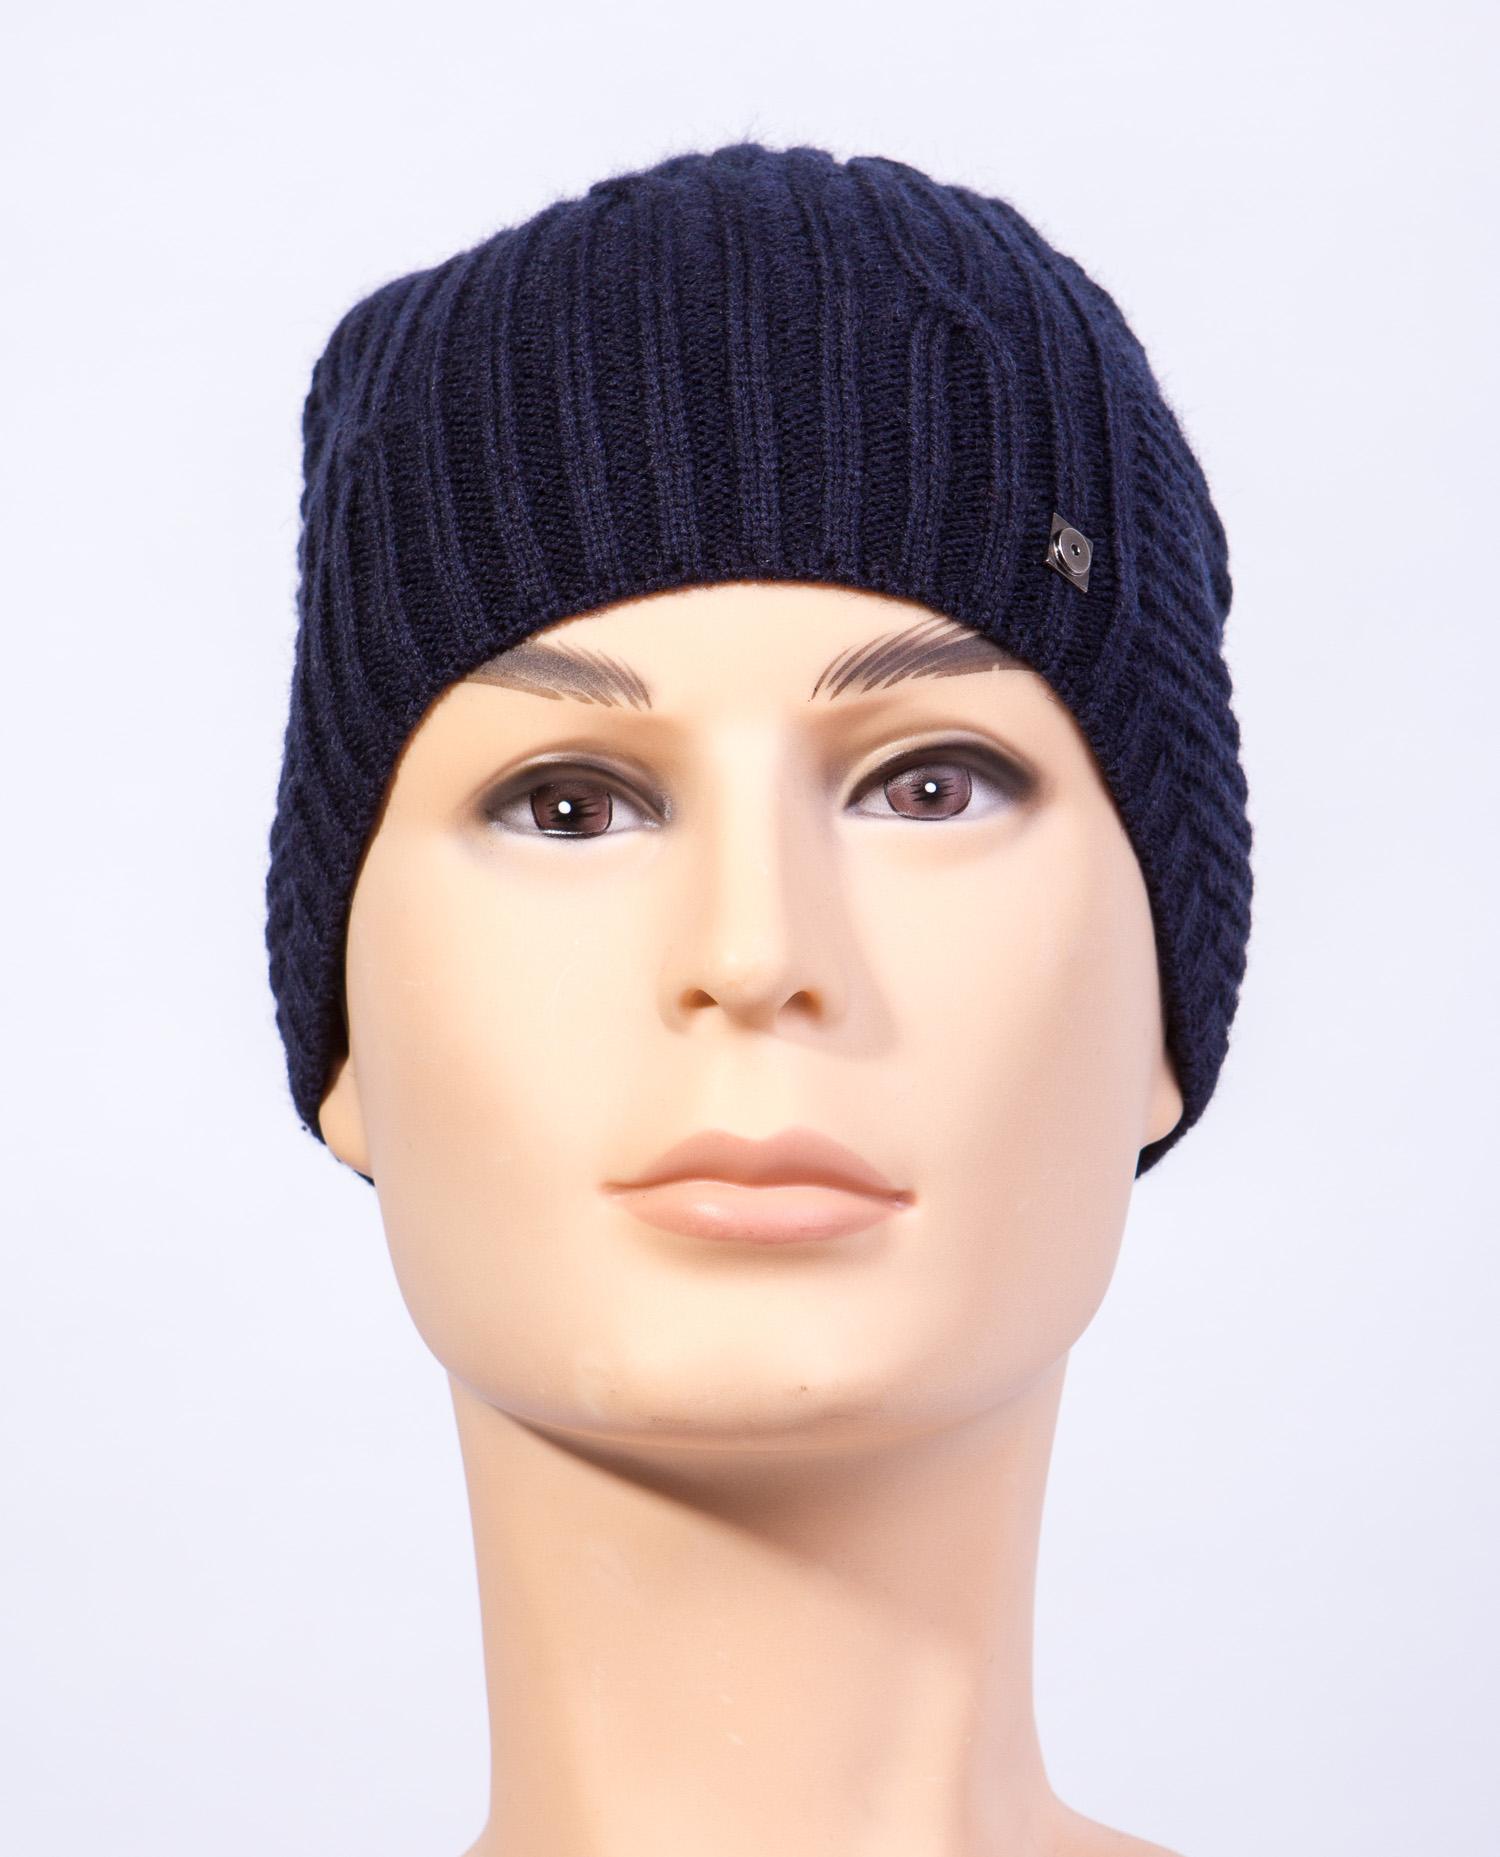 Купить Шапку мужская из текстиля от МОСМЕХА синего цвета